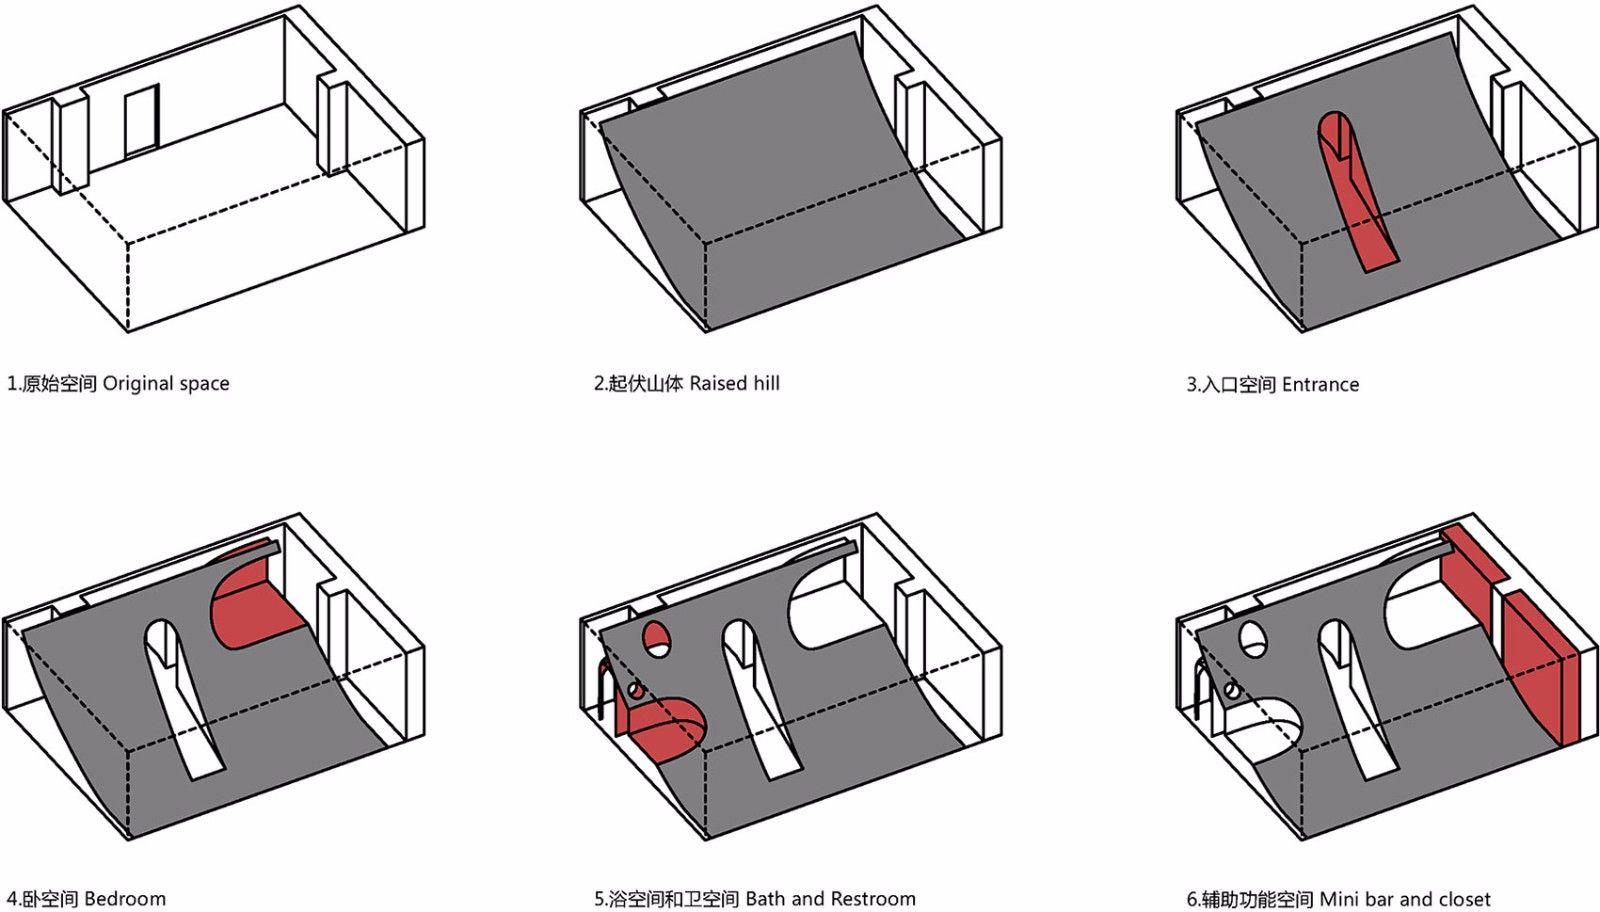 新作 | 建筑营设计工作室:北京 山居